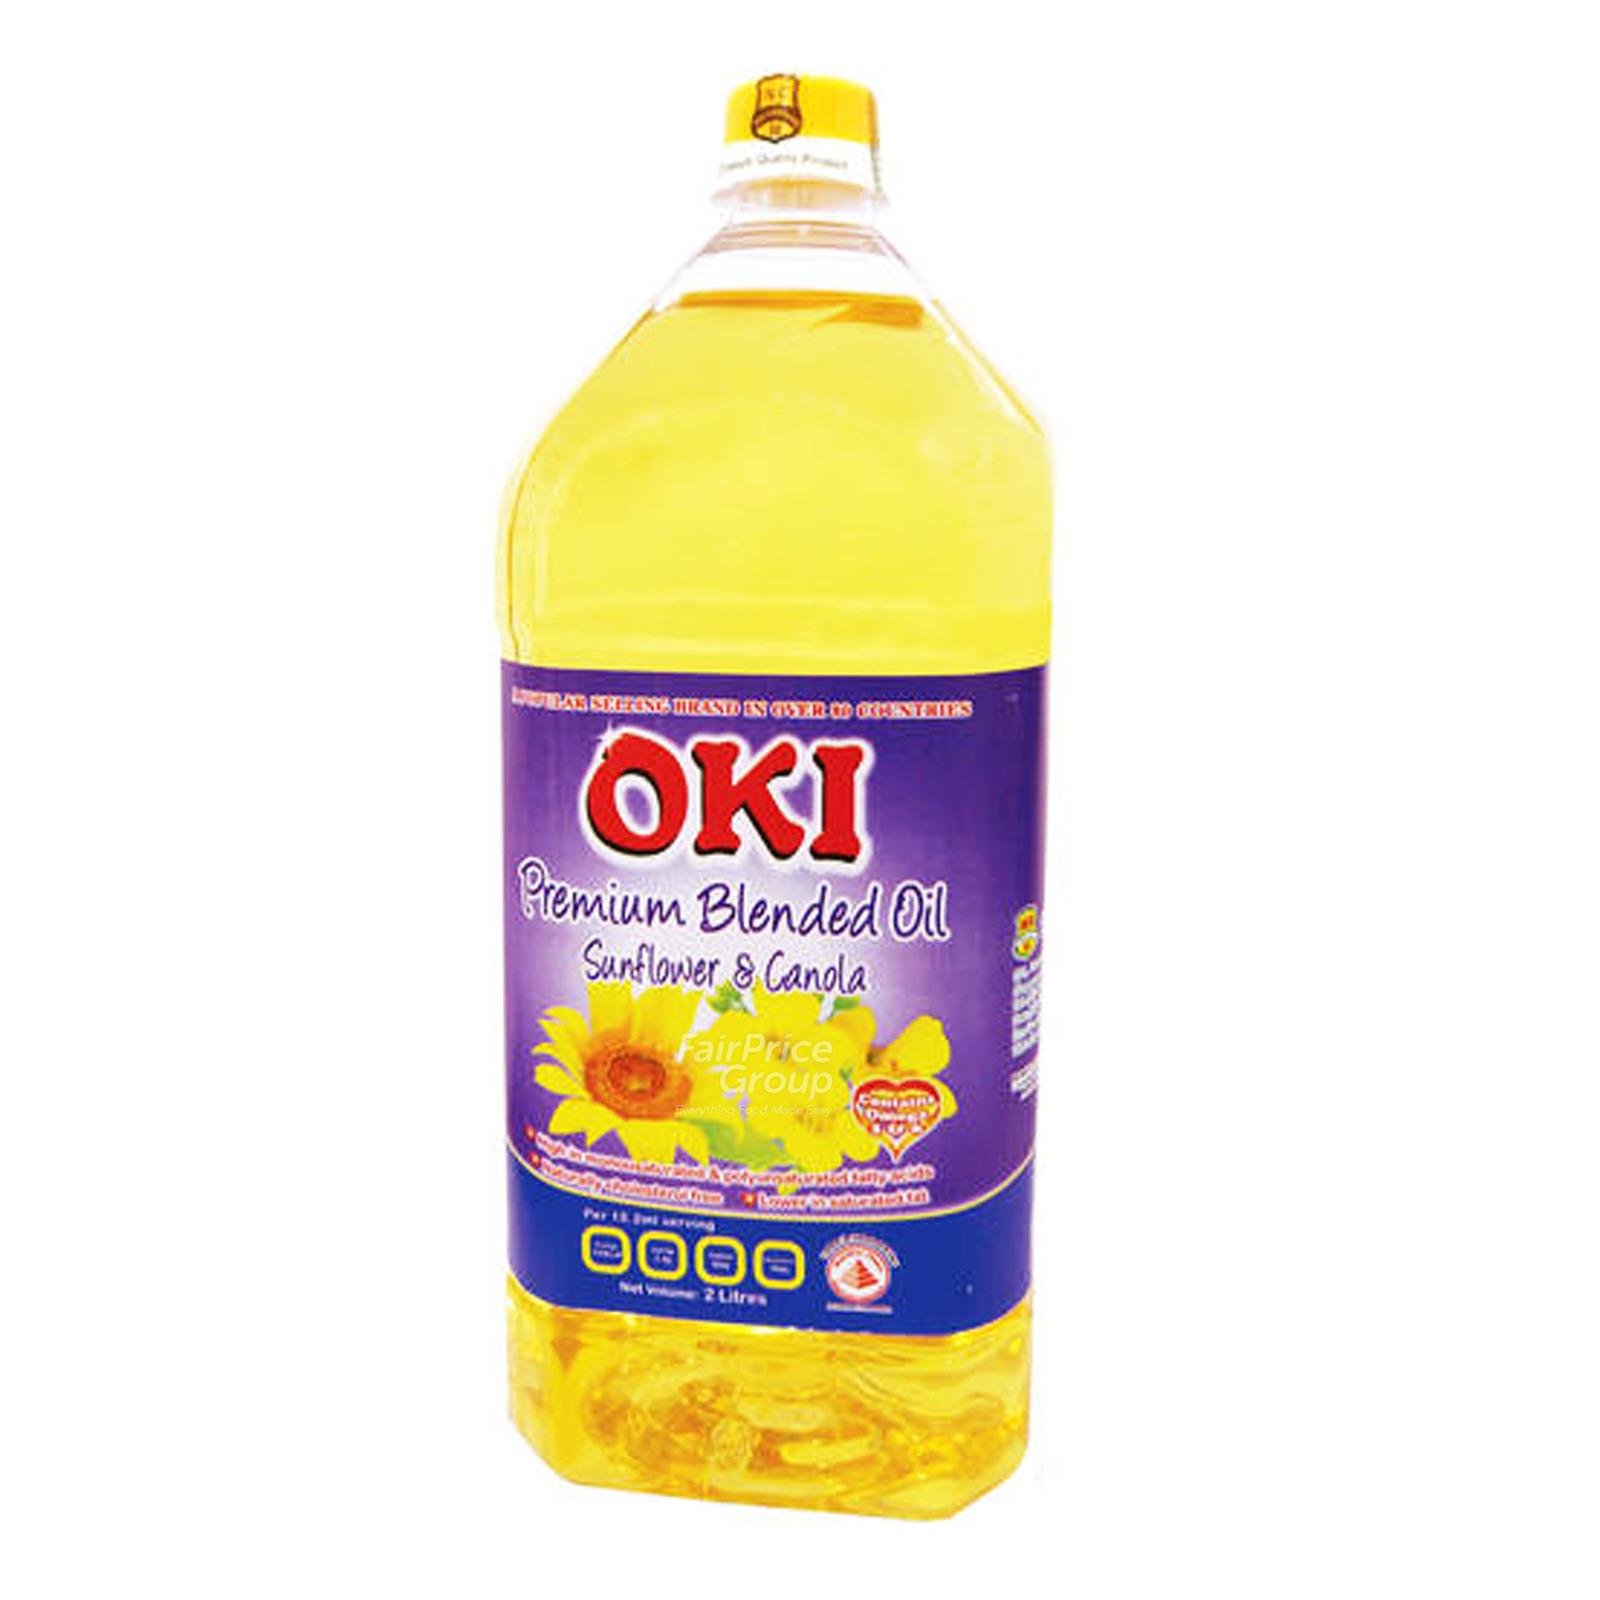 Oki Premium Sunflower & Canola Blended Oil